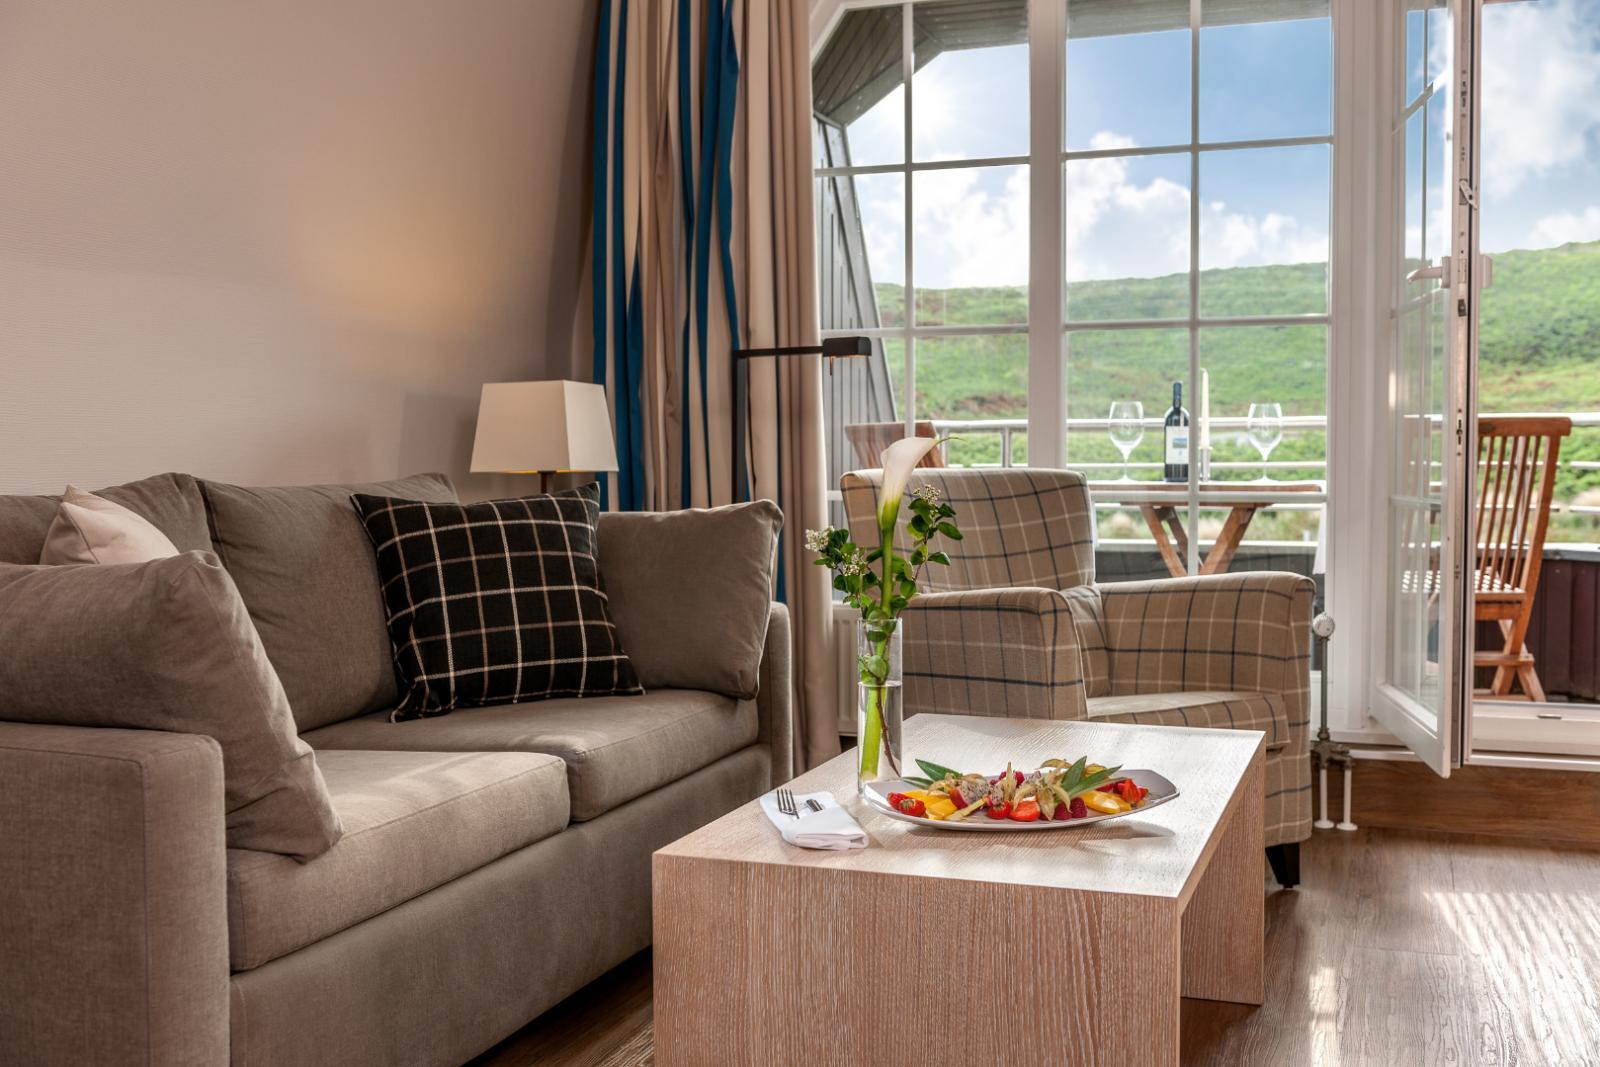 dorint strandresort spa westerland sylt lage des wellnesshotels karte anreise. Black Bedroom Furniture Sets. Home Design Ideas